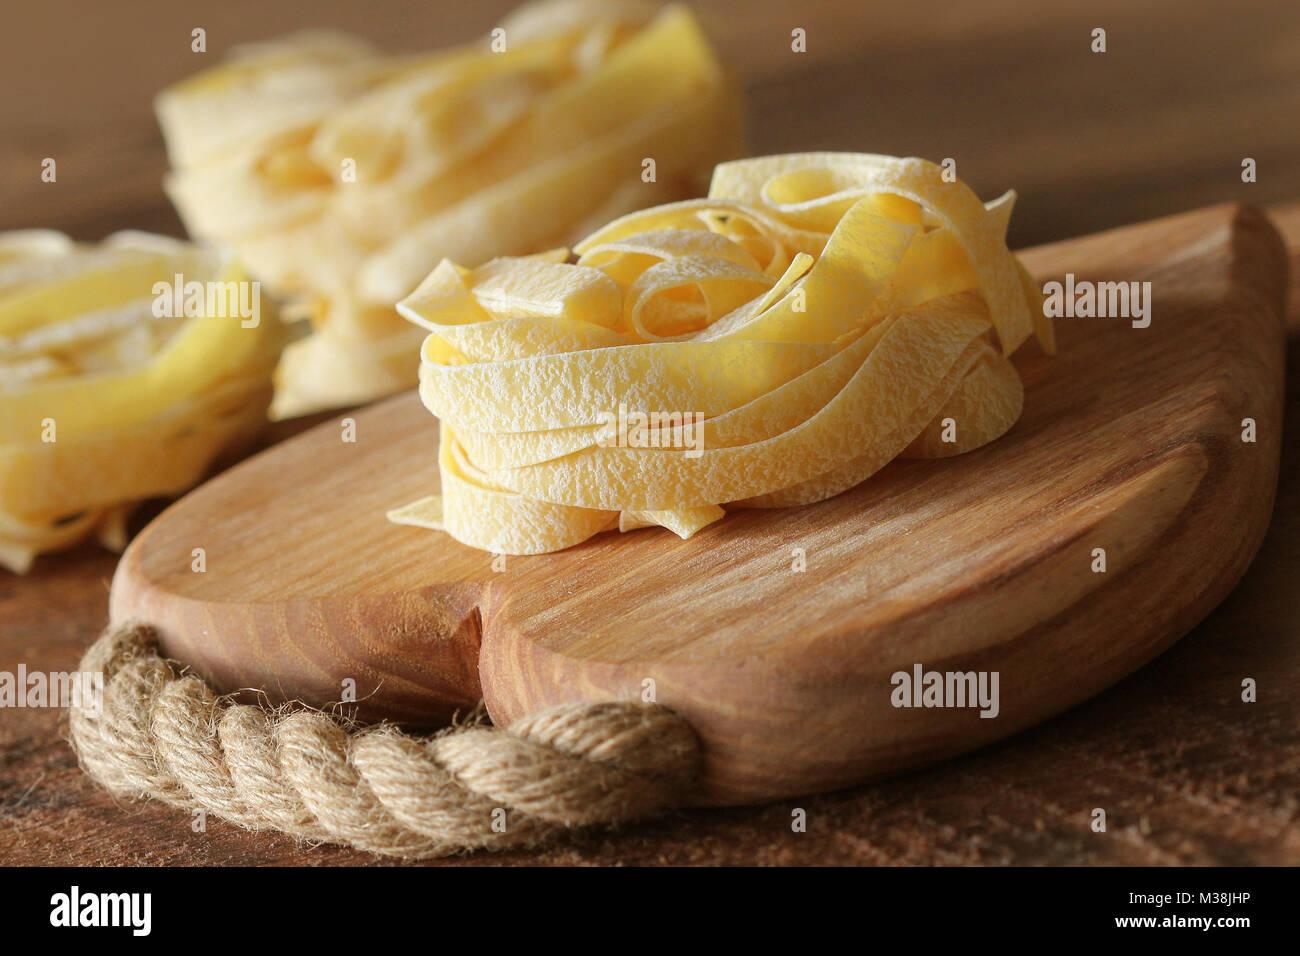 Nido de pasta tagliatelle sobre la tabla de cortar de madera rústica aon antecedentes. Enfoque selectivo Imagen De Stock